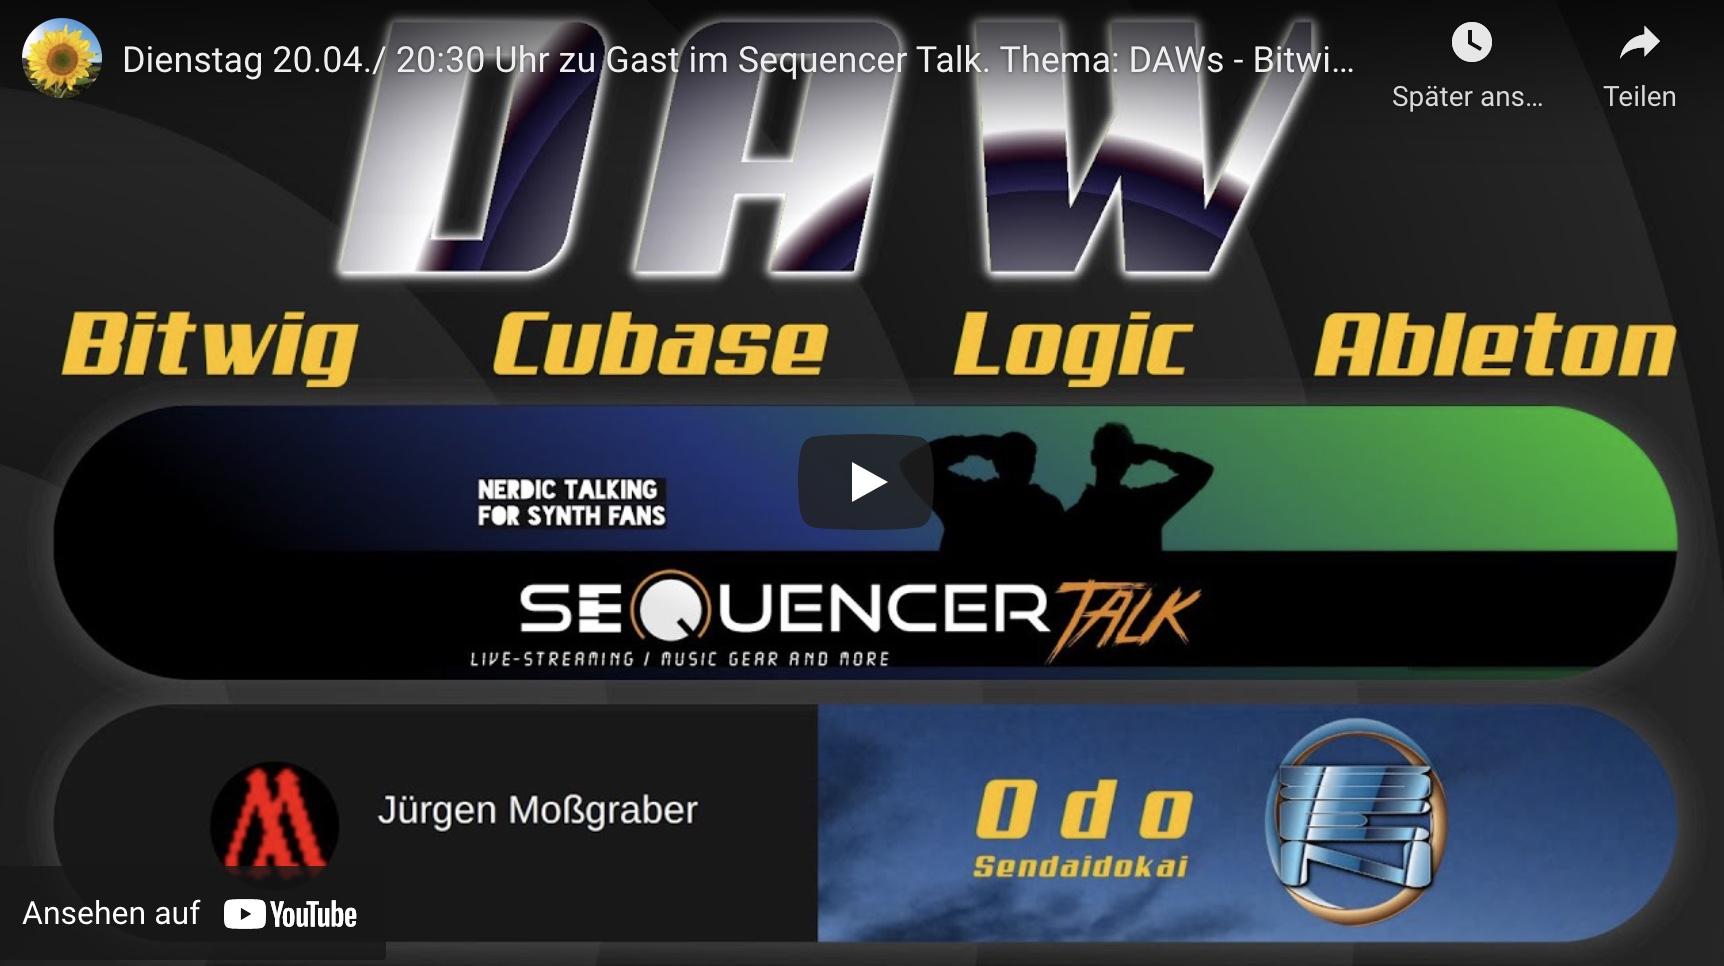 SequencerTalk 88 DAW